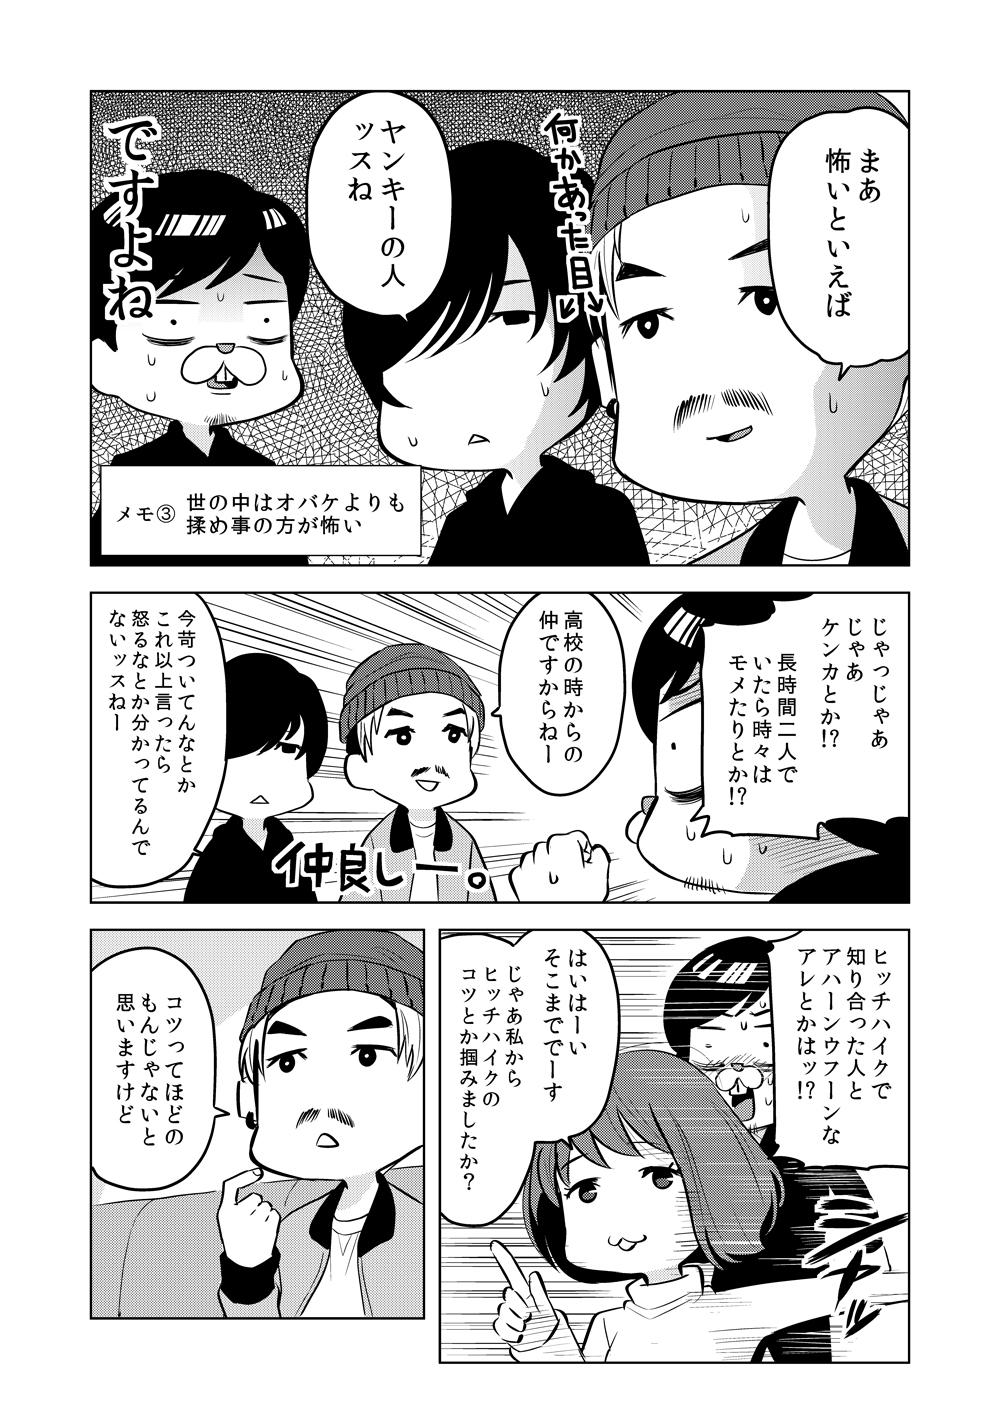 denpa-girl-manga-06